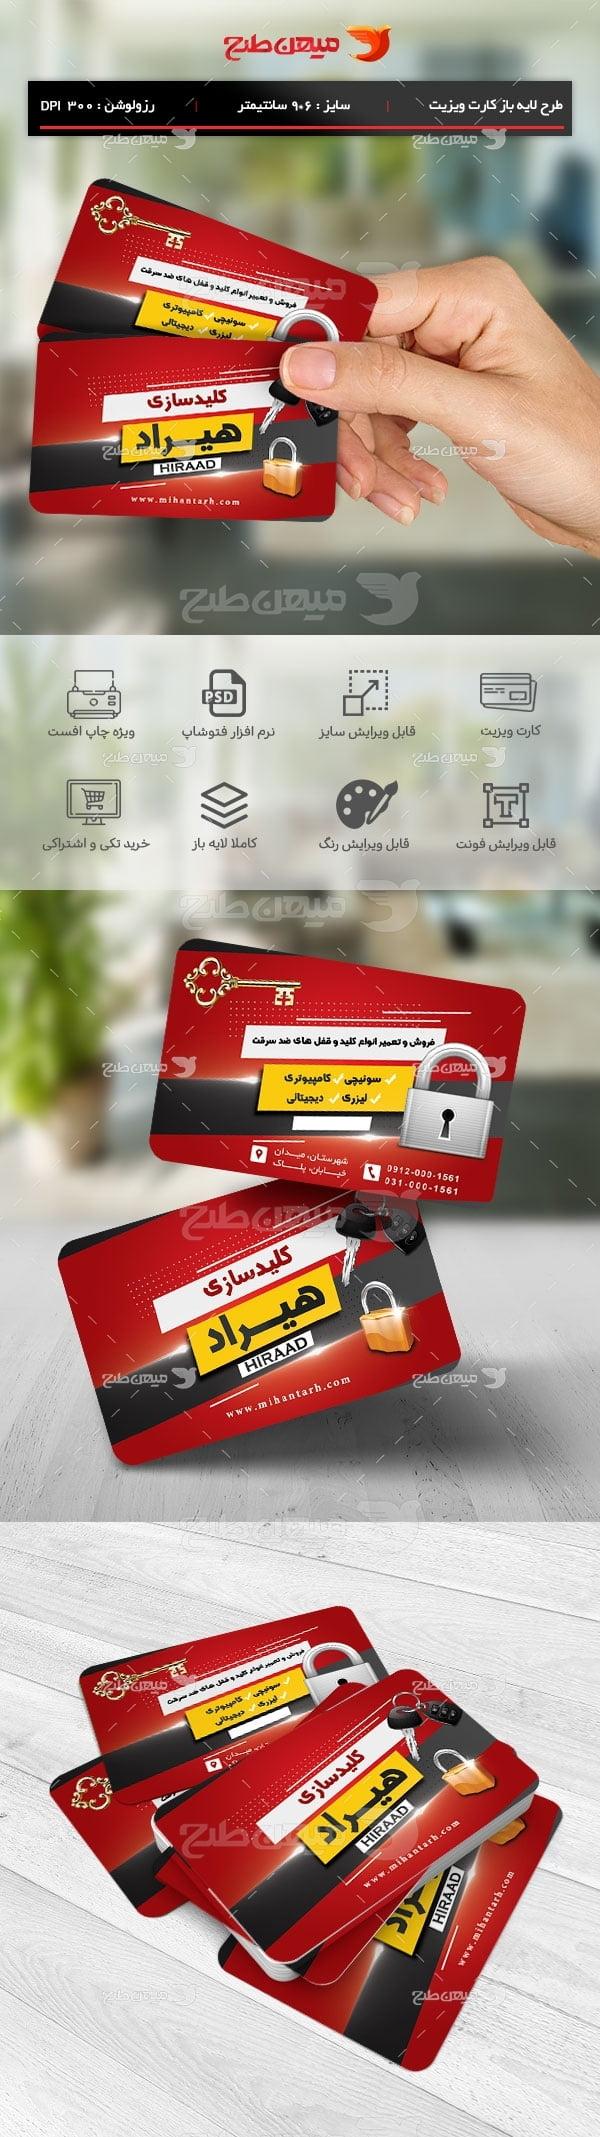 طرح لایه باز کارت ویزیت کلیدسازی